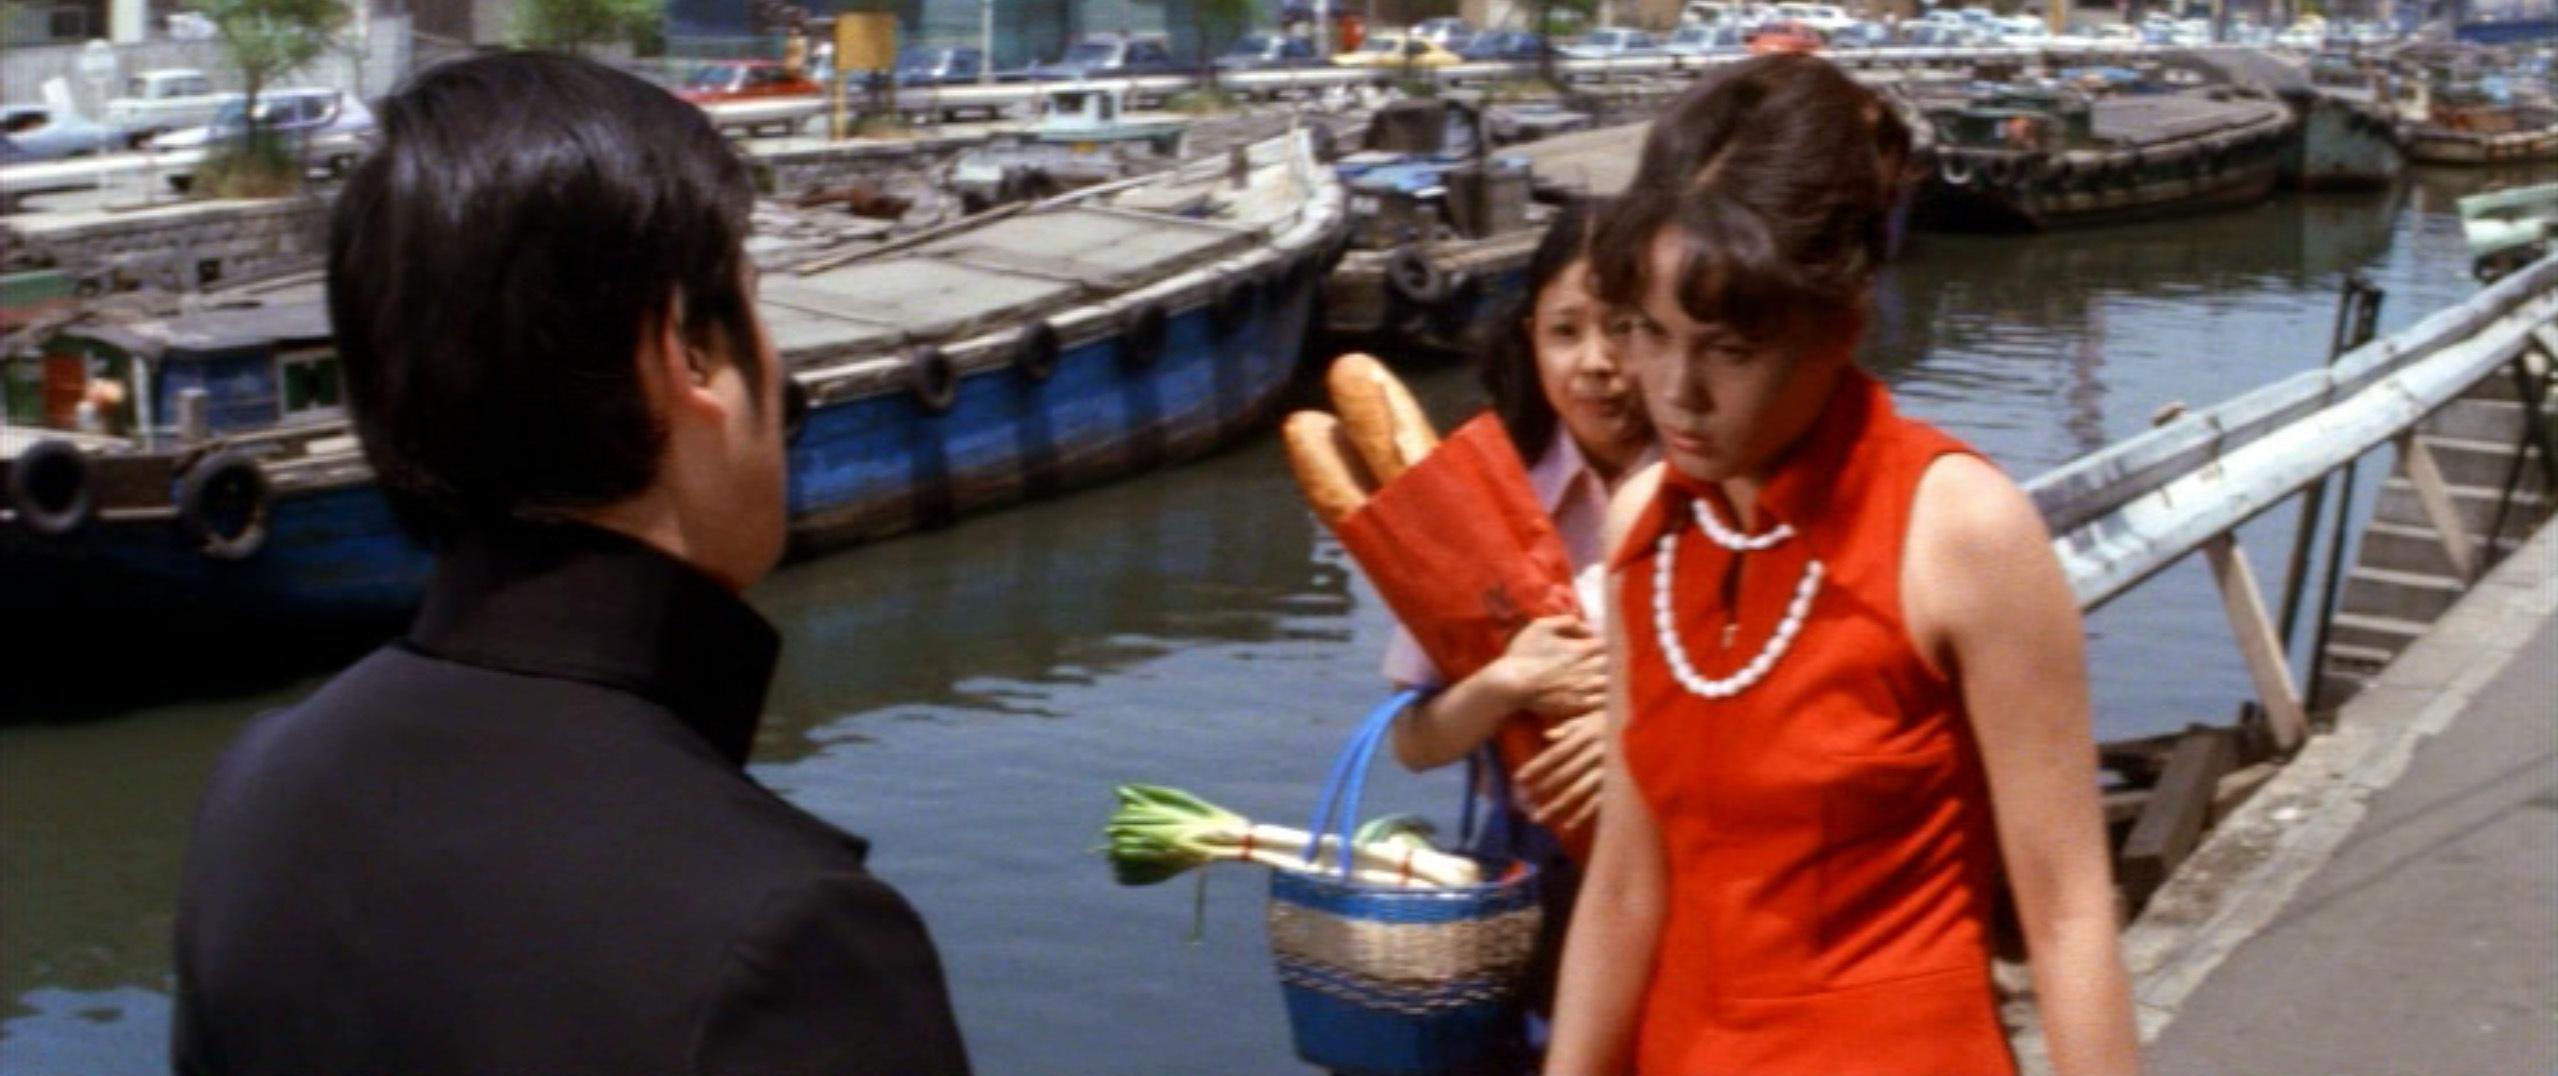 市毛良枝(Yoshie Ichige)「混血児リカ ハマぐれ子守唄」(1973)・・・《前半》_e0042361_20454843.jpg